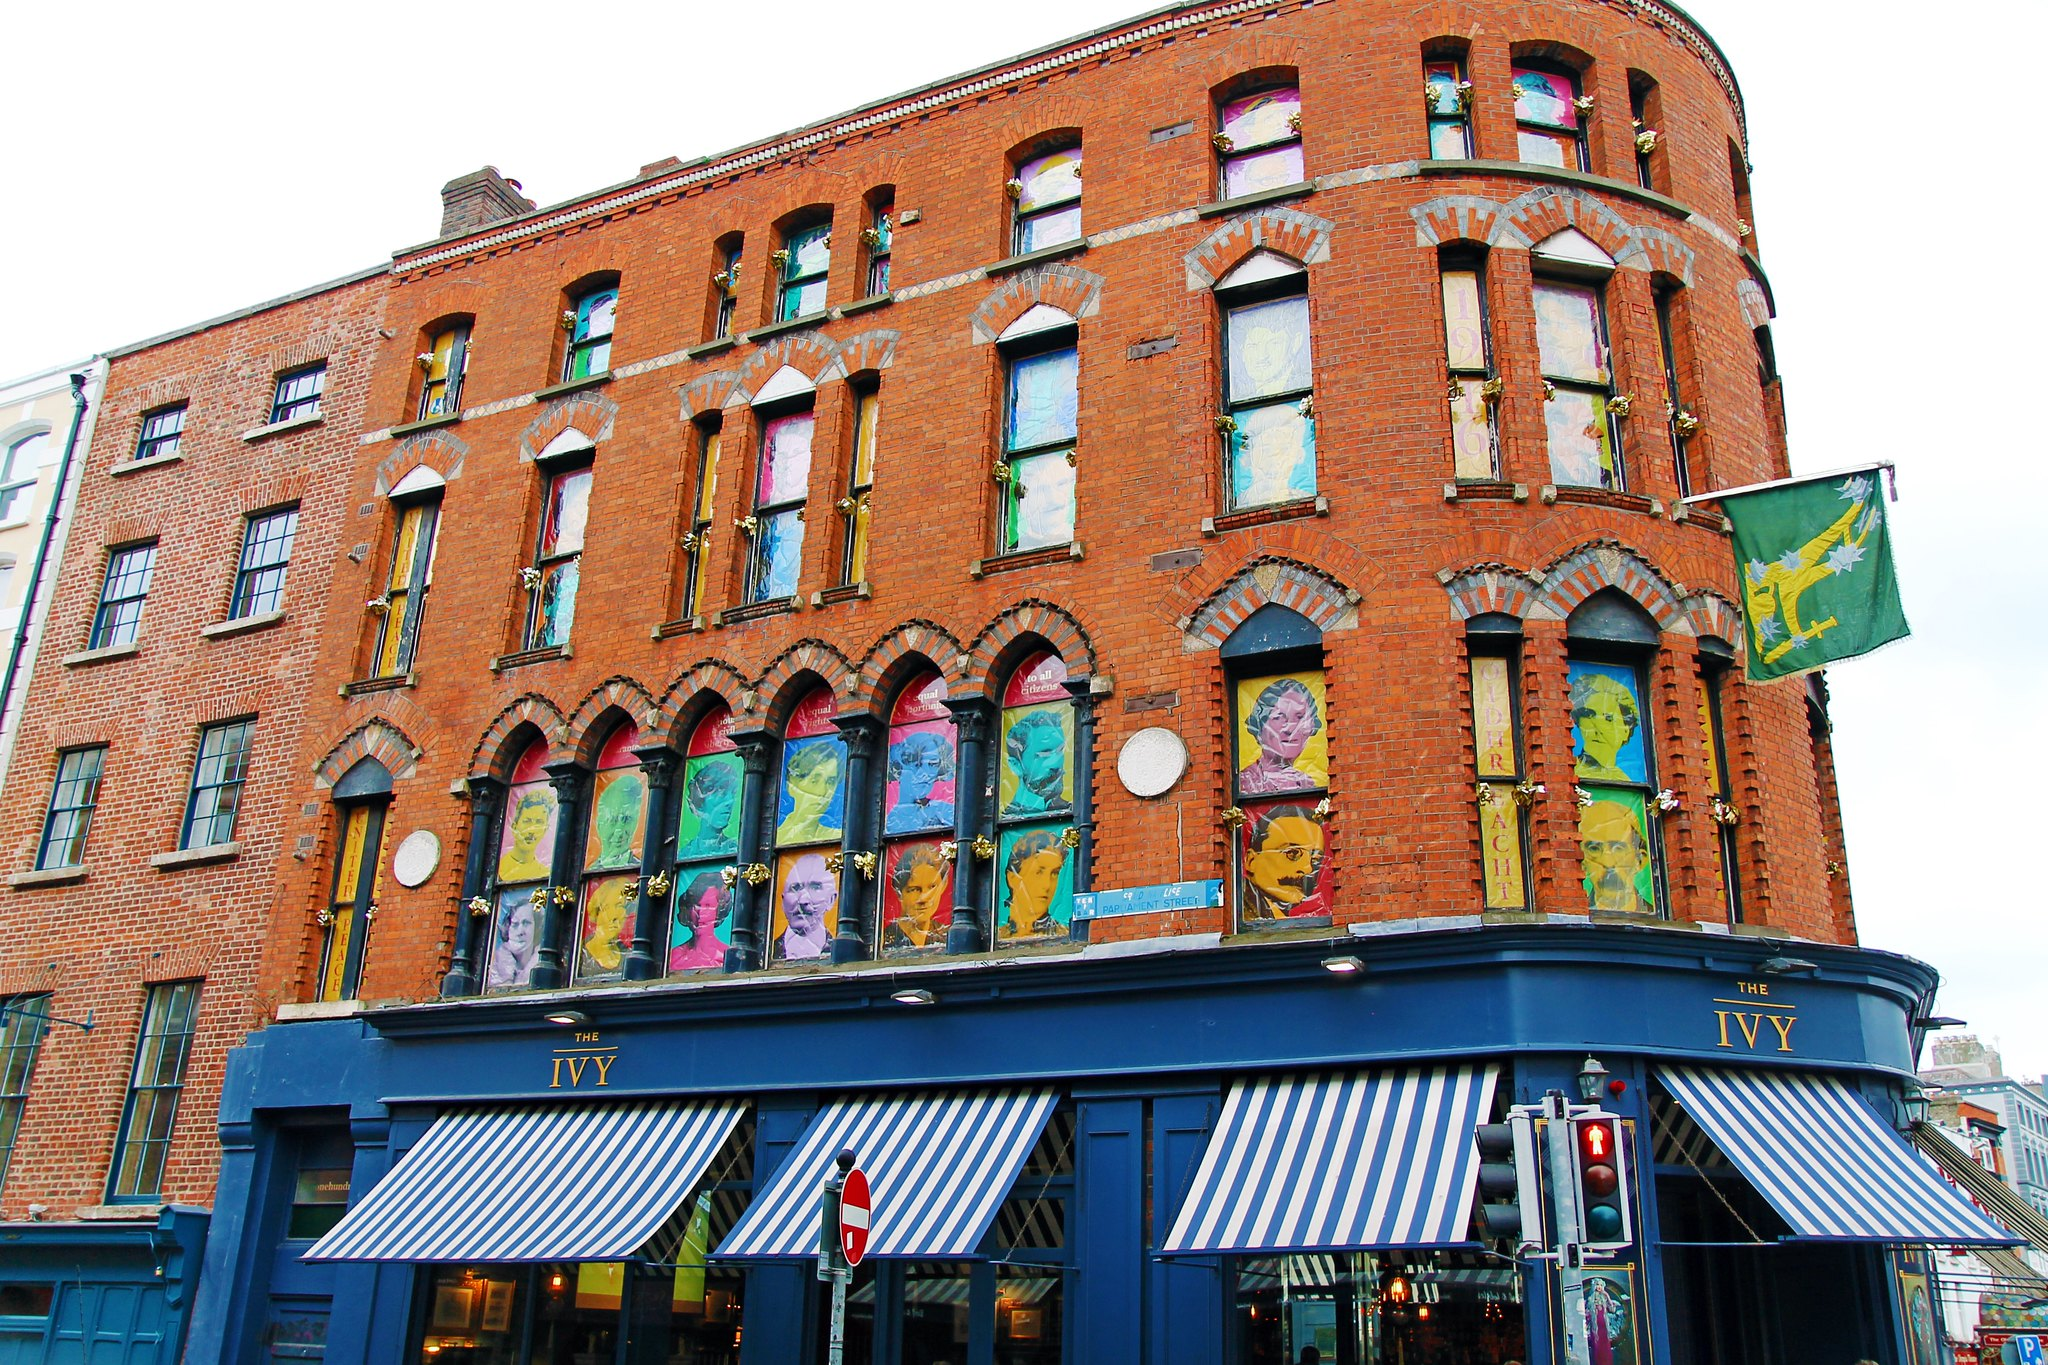 3 dias em Dublin: 10 coisas a fazer na capital da Irlanda